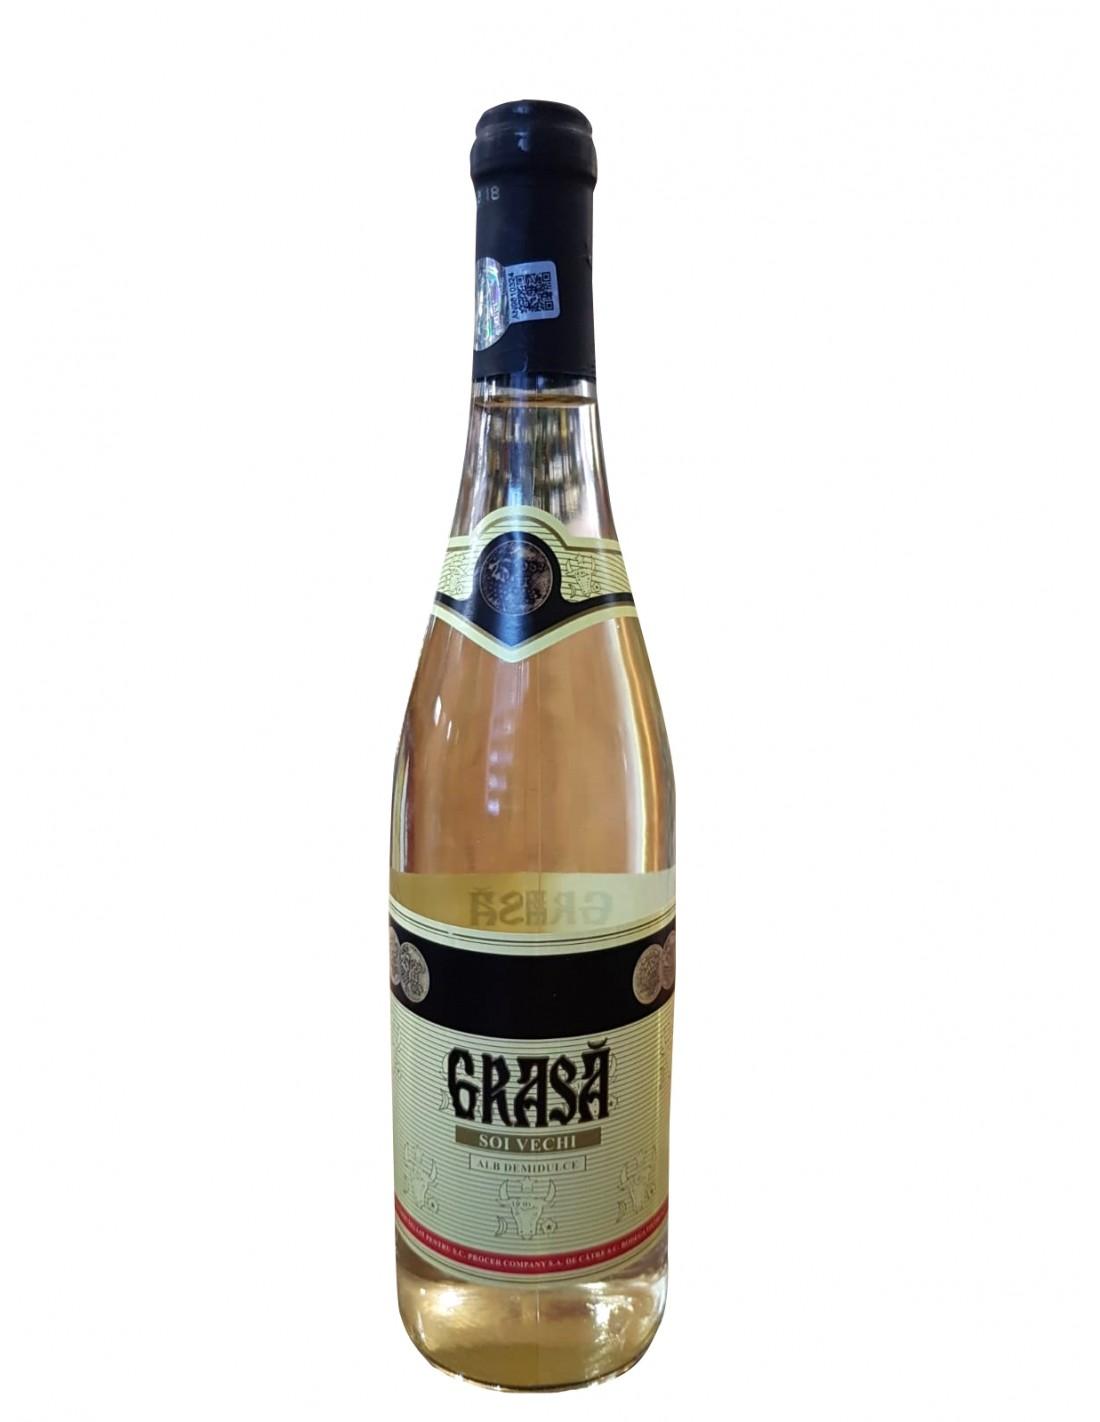 Vin alb demidulce, Soi Vechi, Grasa, 0.75L, Romania